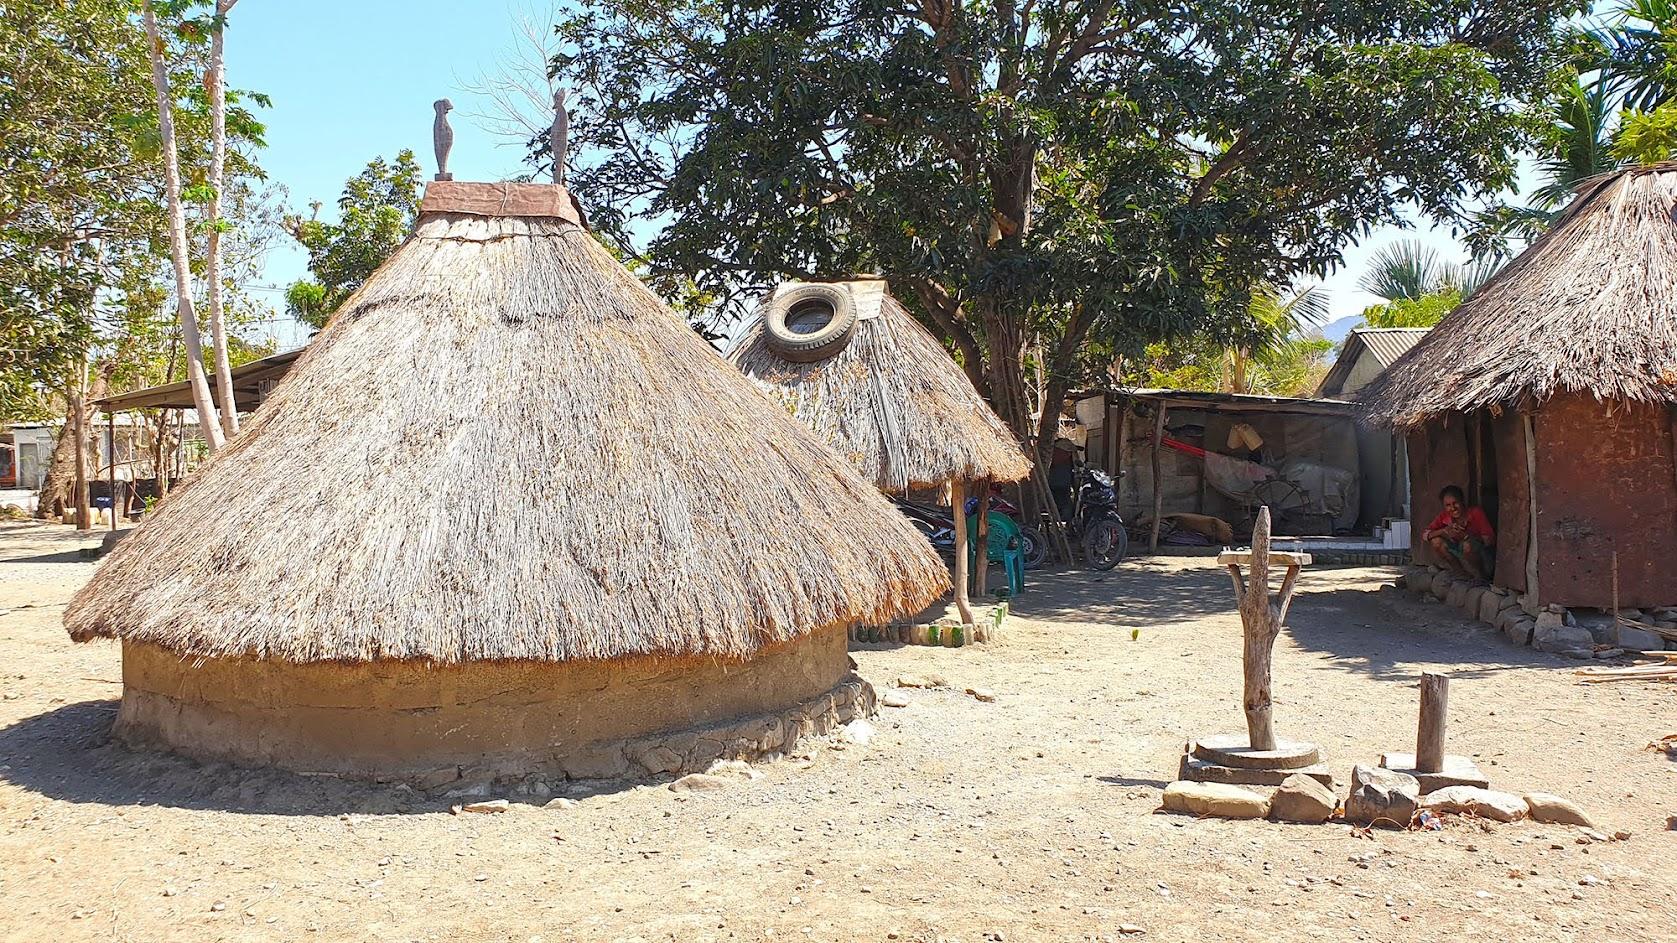 VIAJAR EM TIMOR LESTE | Dicas, roteiro de viagem (dia-à-dia) e o que visitar em Timor Leste